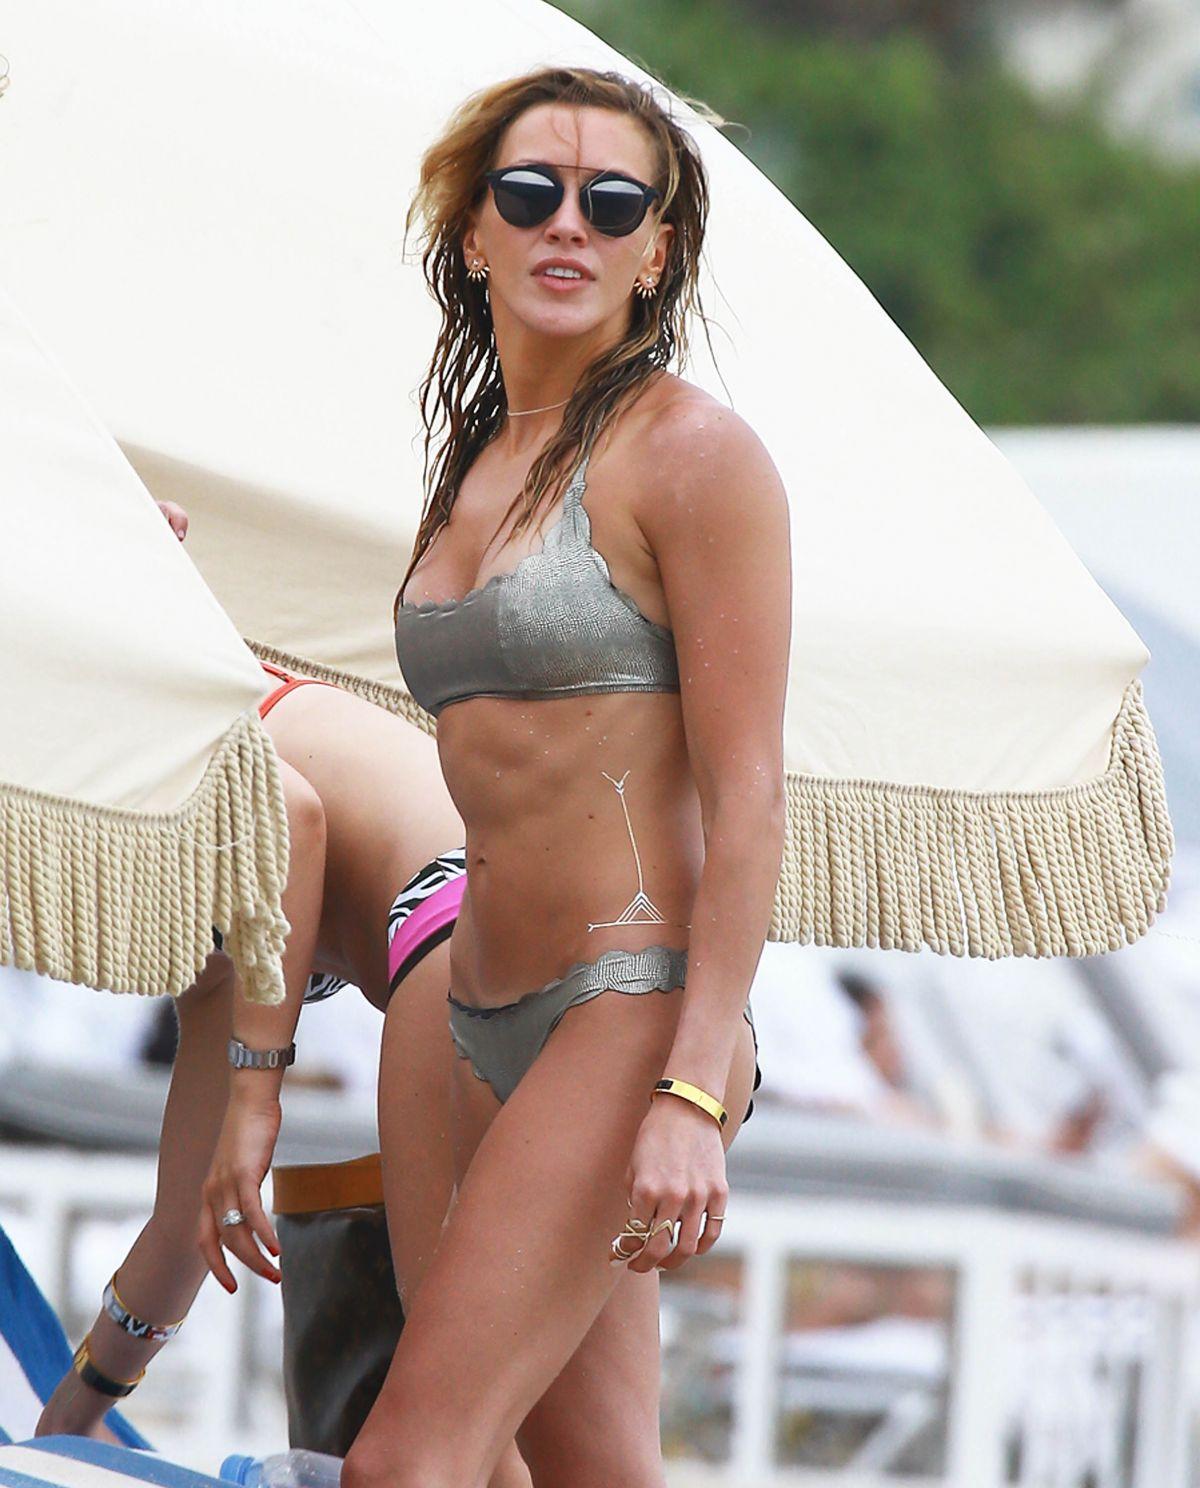 Bikini Caity Lotz nudes (93 photos), Ass, Is a cute, Feet, cameltoe 2006